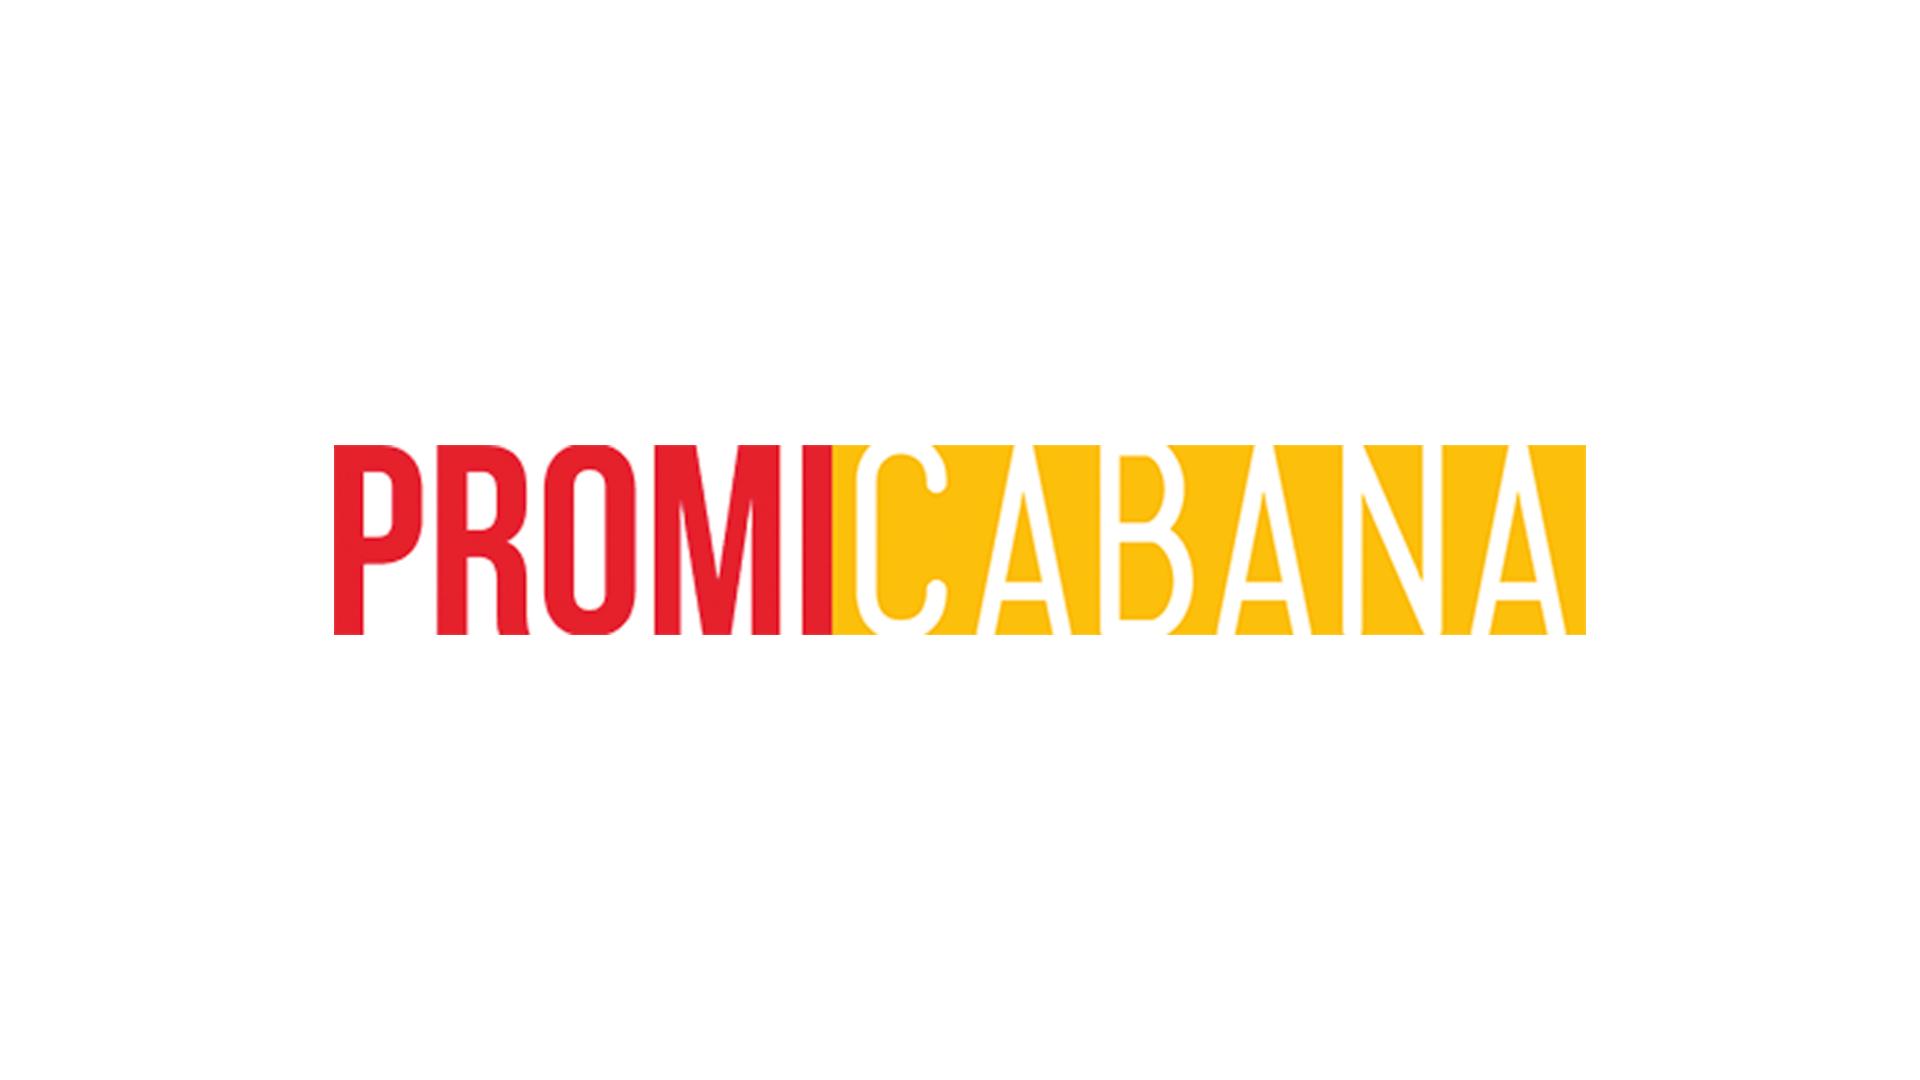 Britney-Spears-Ooh-La-La-Musikvideo-Still